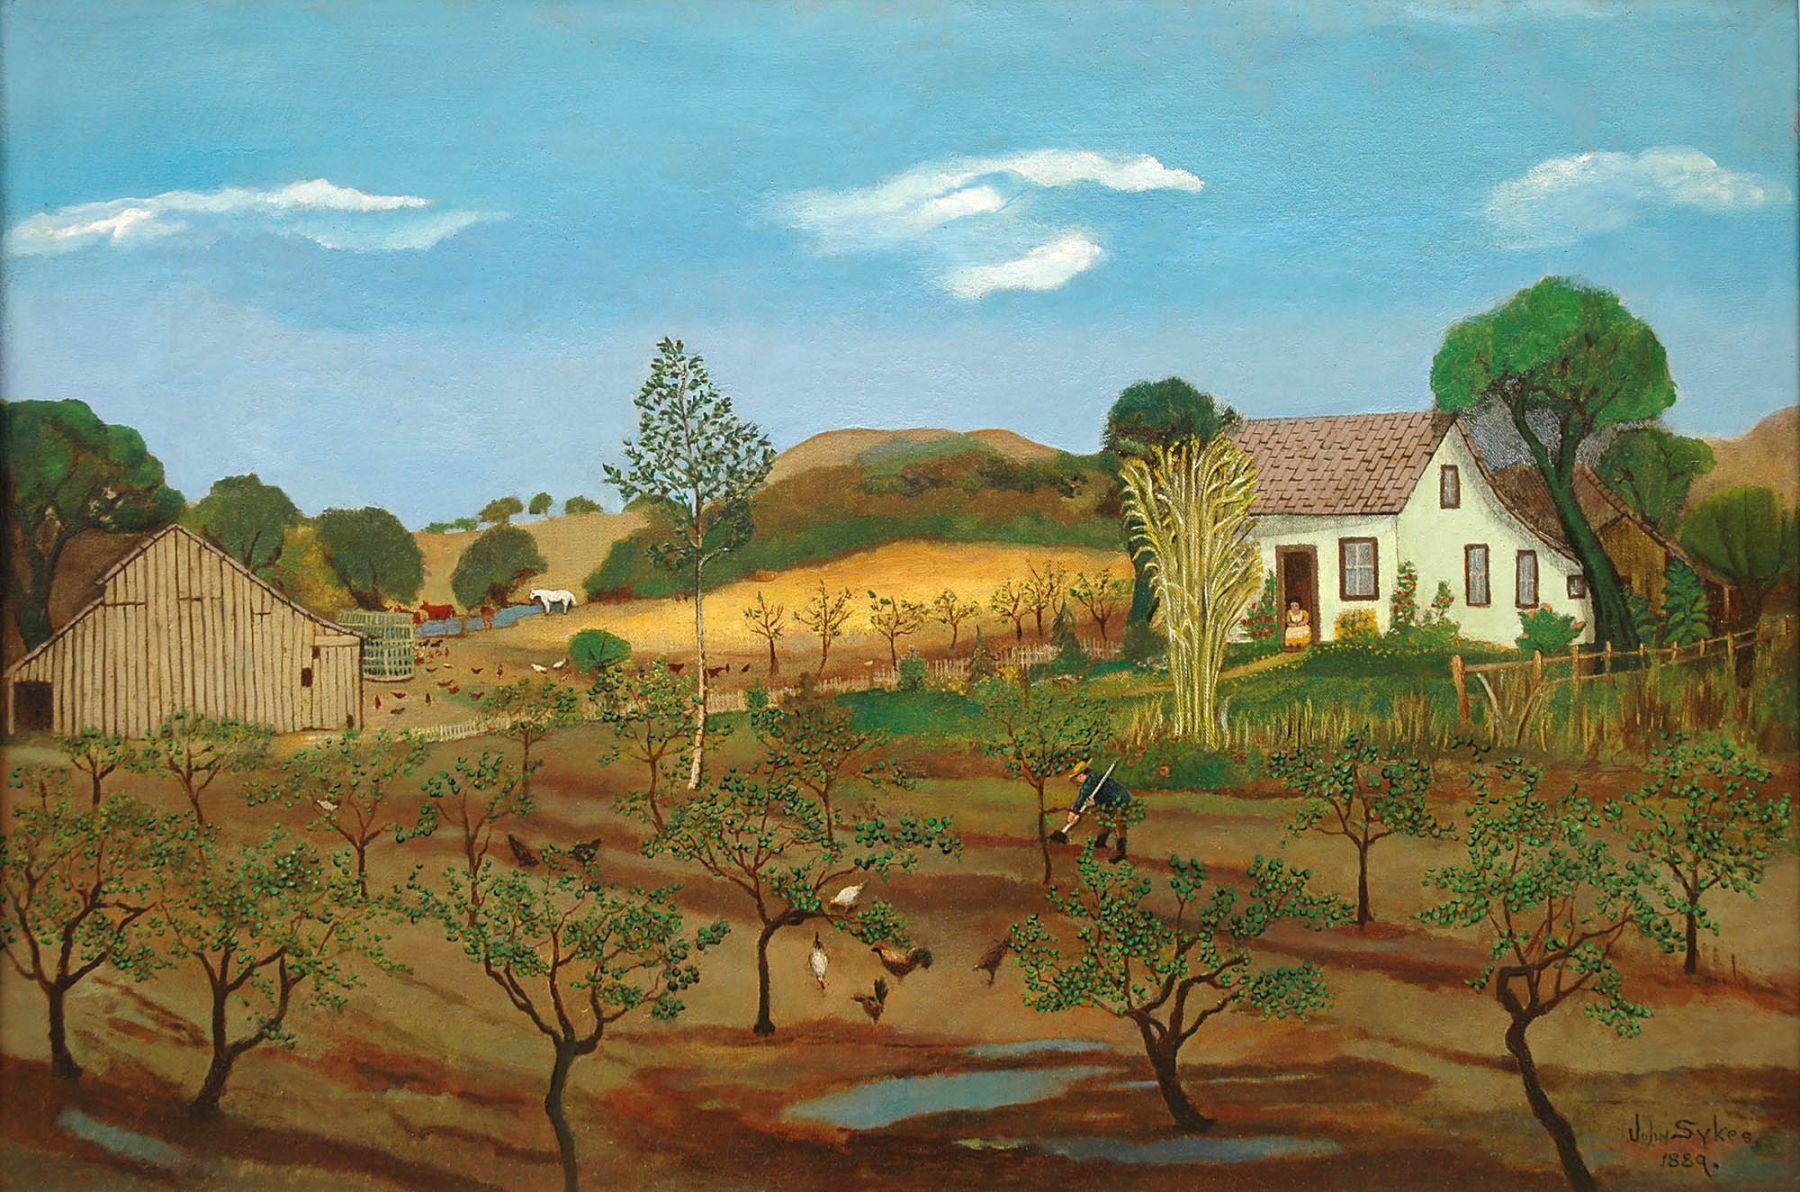 John Sykes, Early Santa Barbara Farm